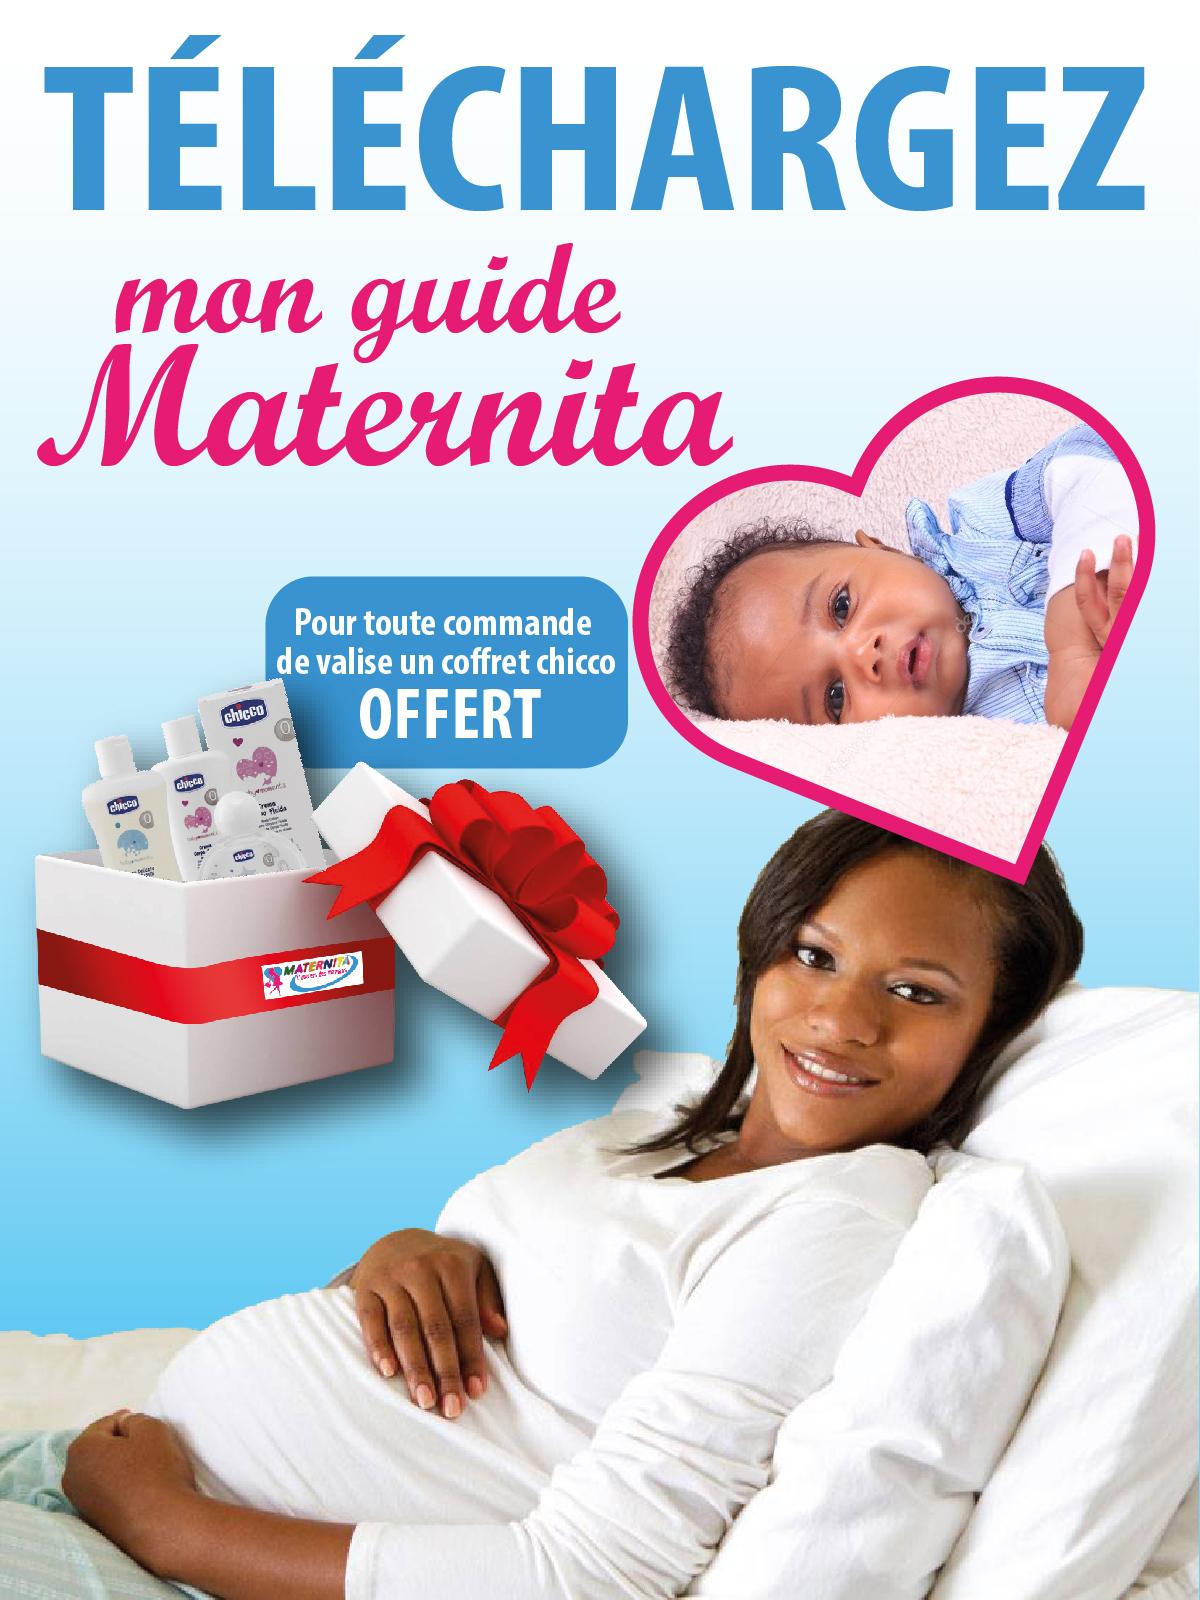 Mon guide Maternita